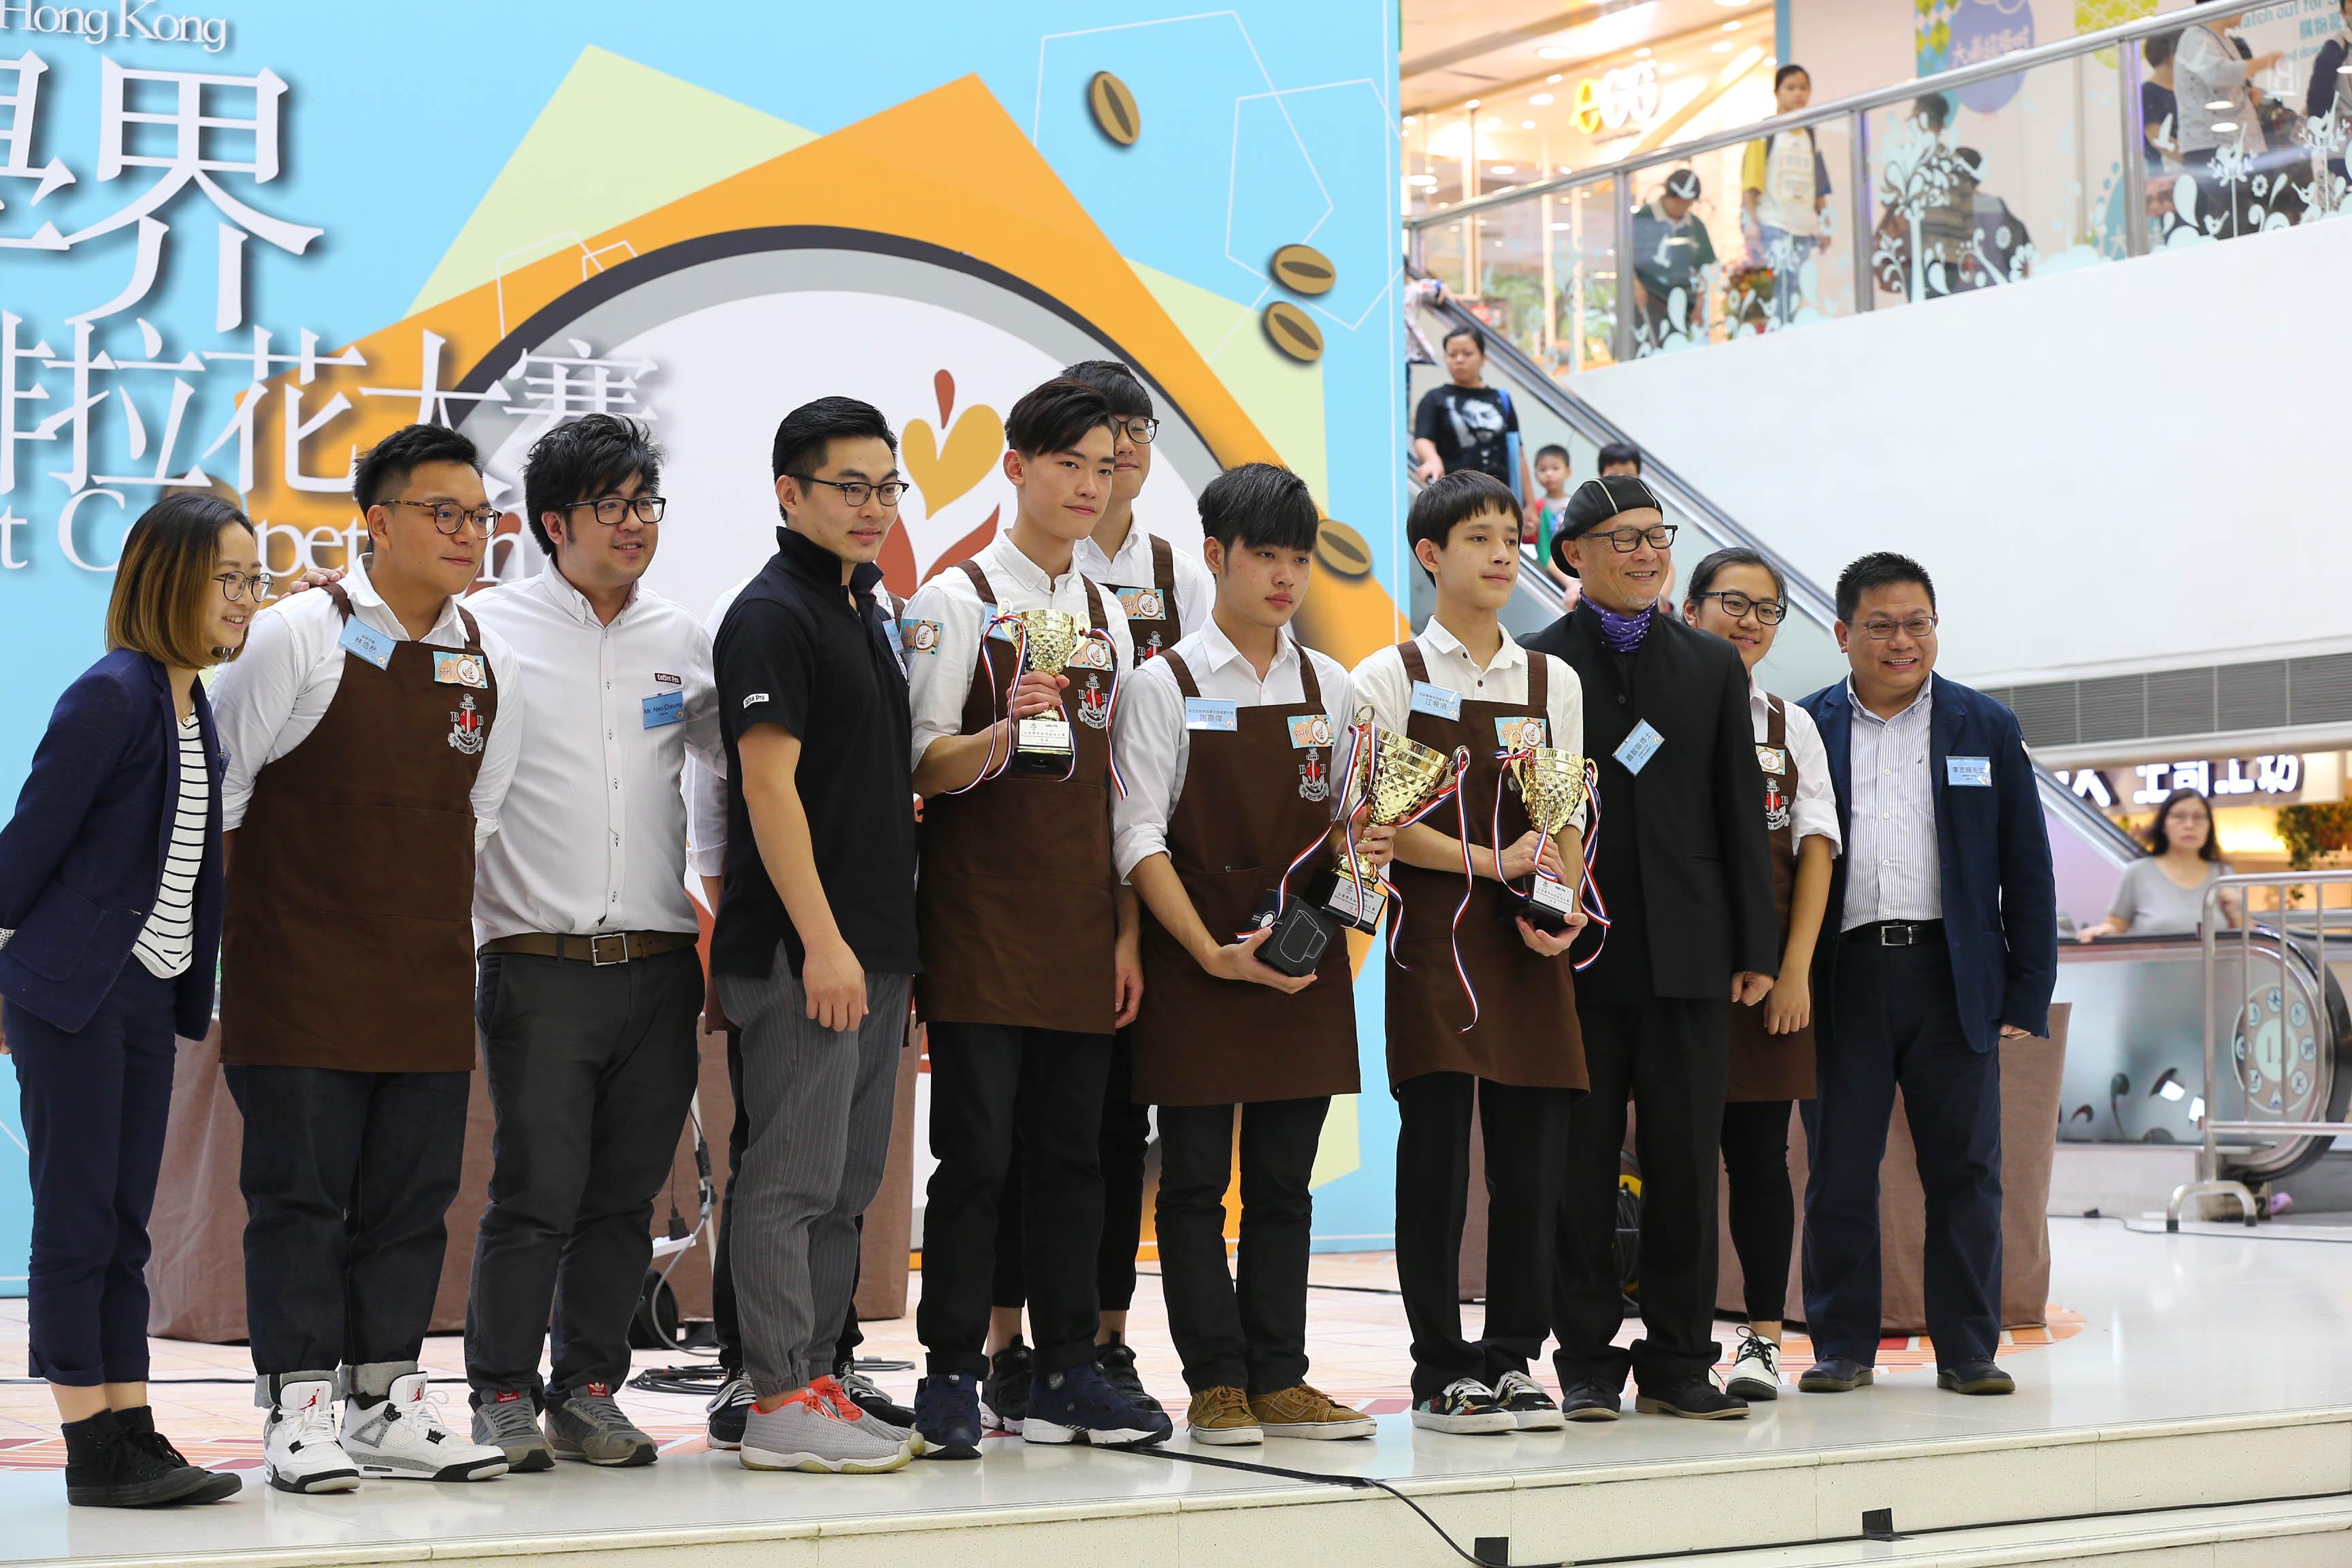 天主教慈幼會伍少梅中學的全港學界咖啡拉花比賽2016 相片7